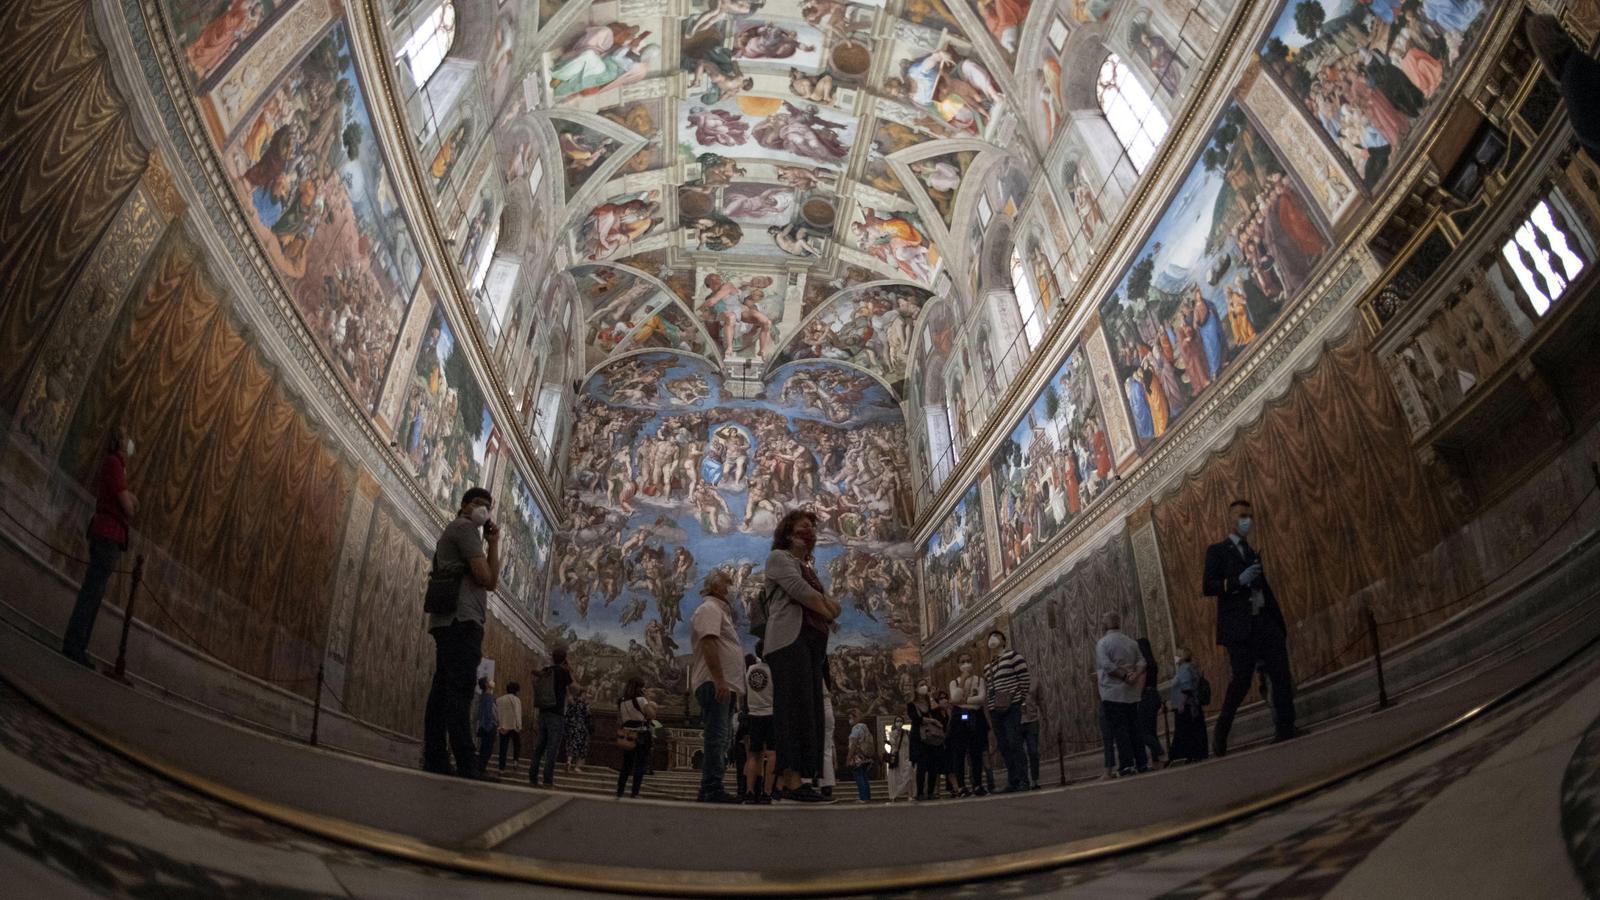 Una inusual Capella Sixtina rep els primers pocs visitants en el primer dia de reobertura dels Museus Vaticans